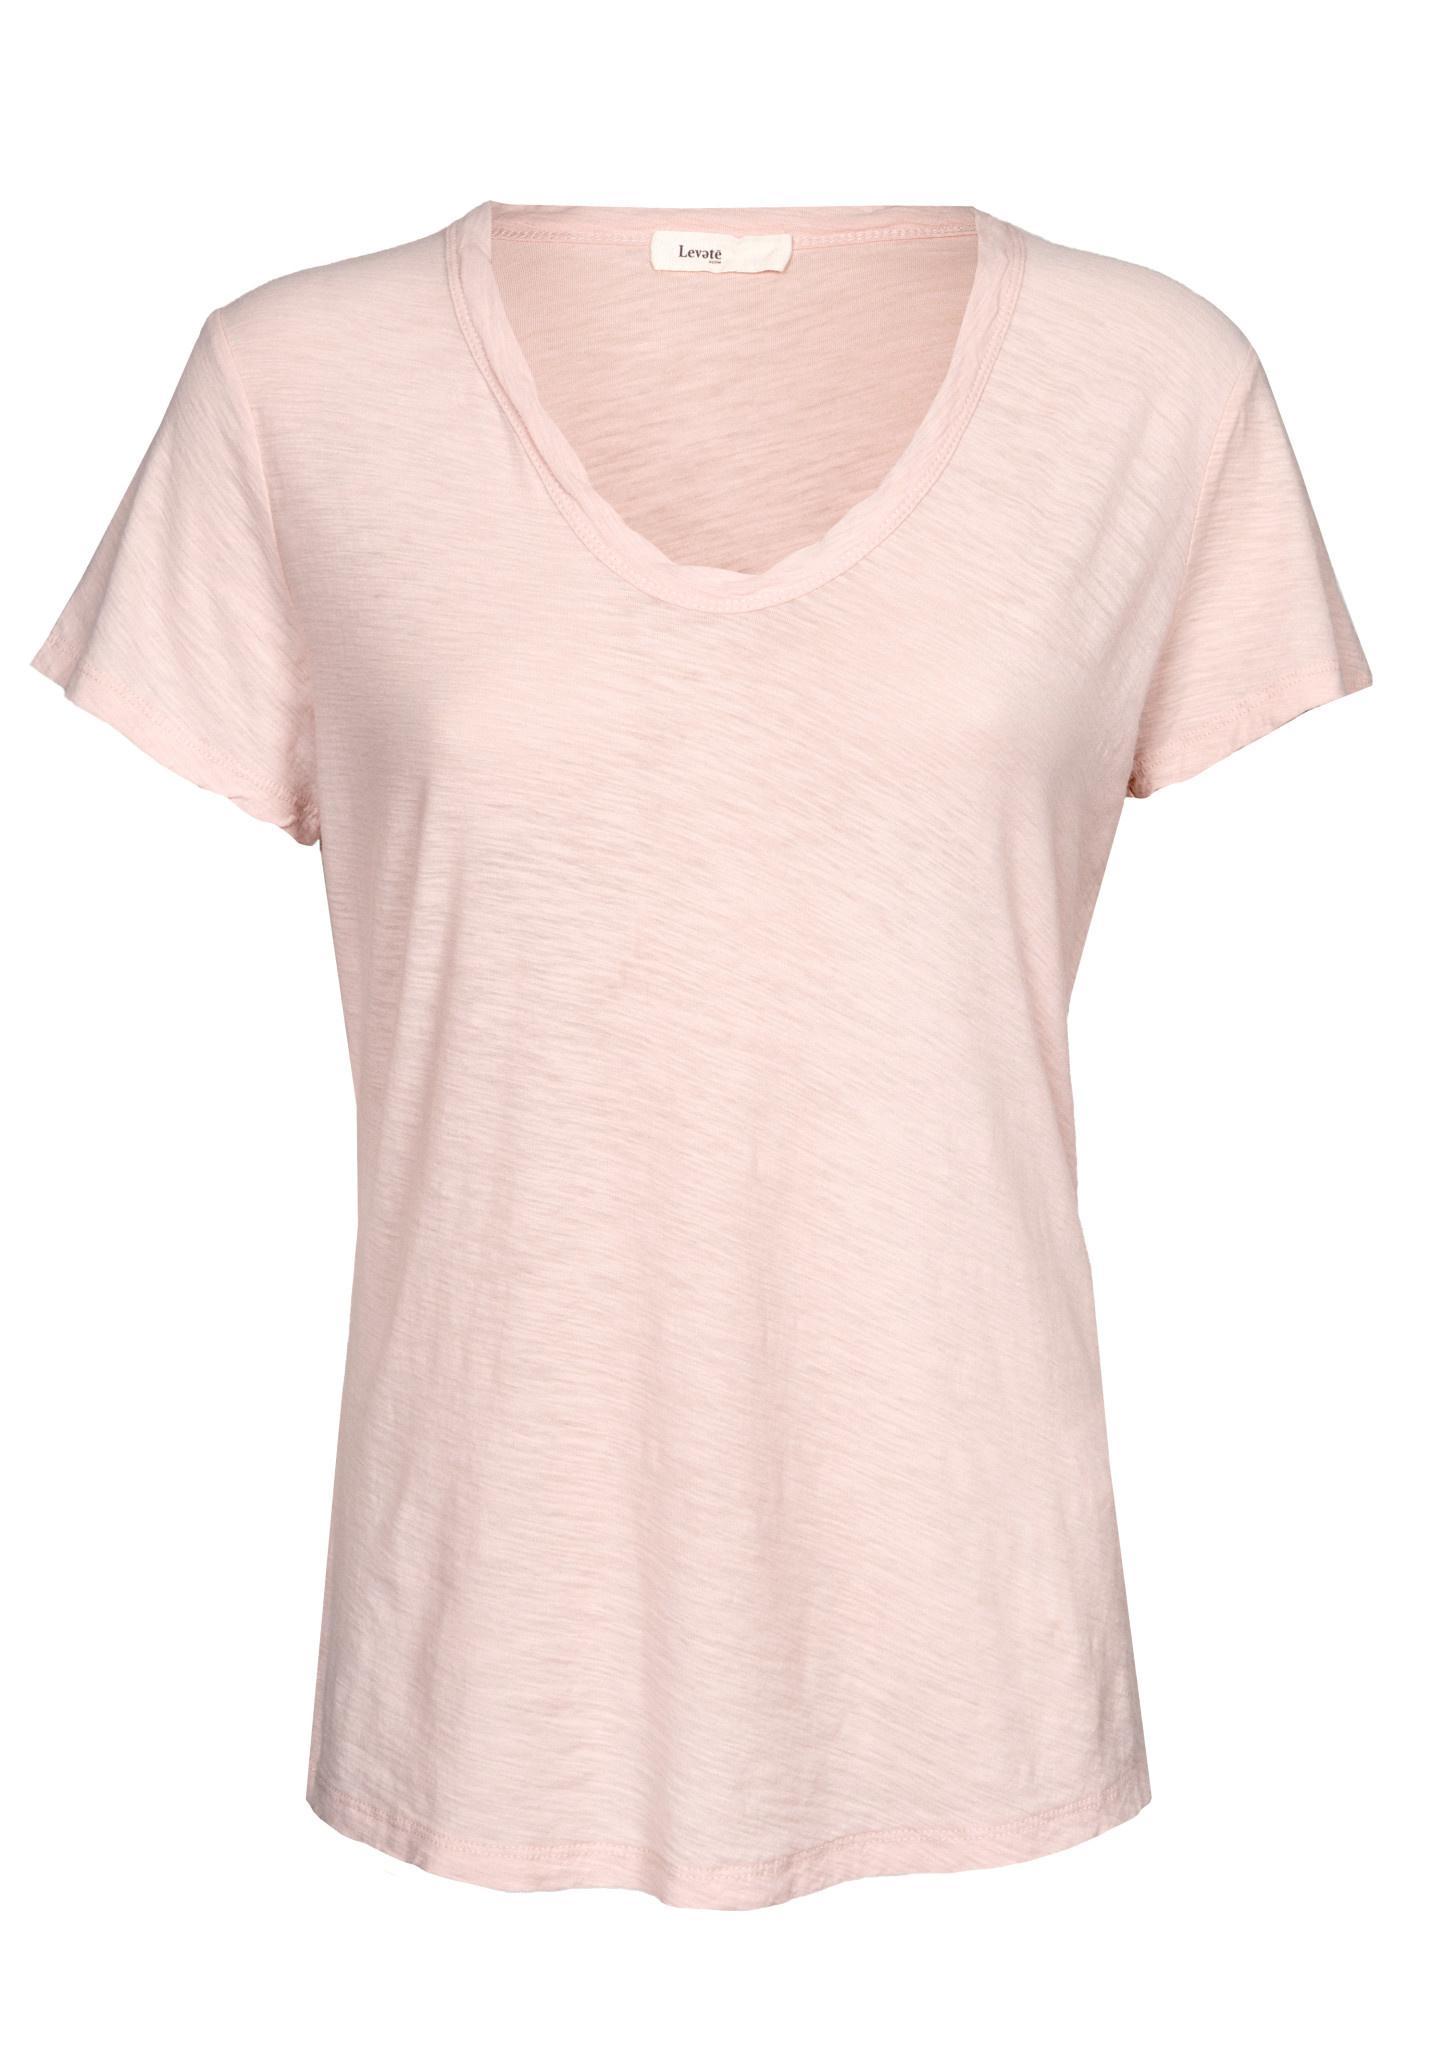 Tshirt Any 2